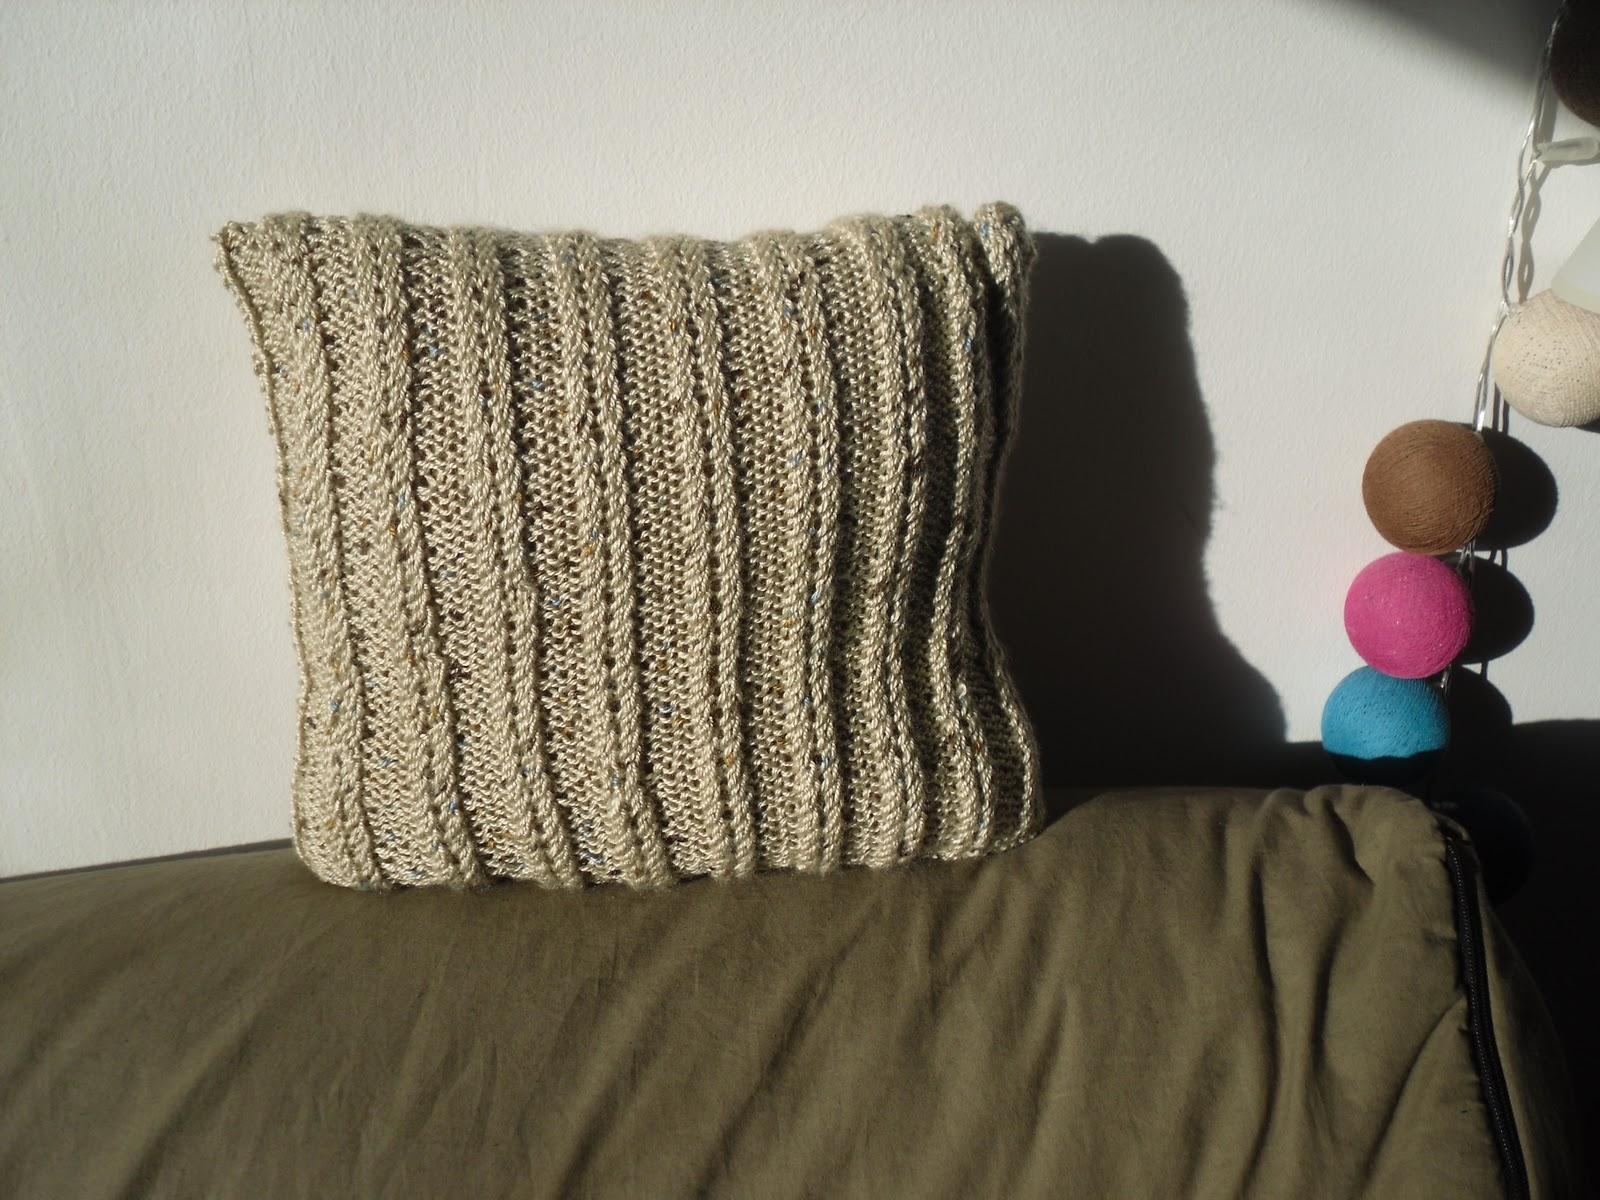 linge de maison fait main les dounie 39 s couture. Black Bedroom Furniture Sets. Home Design Ideas